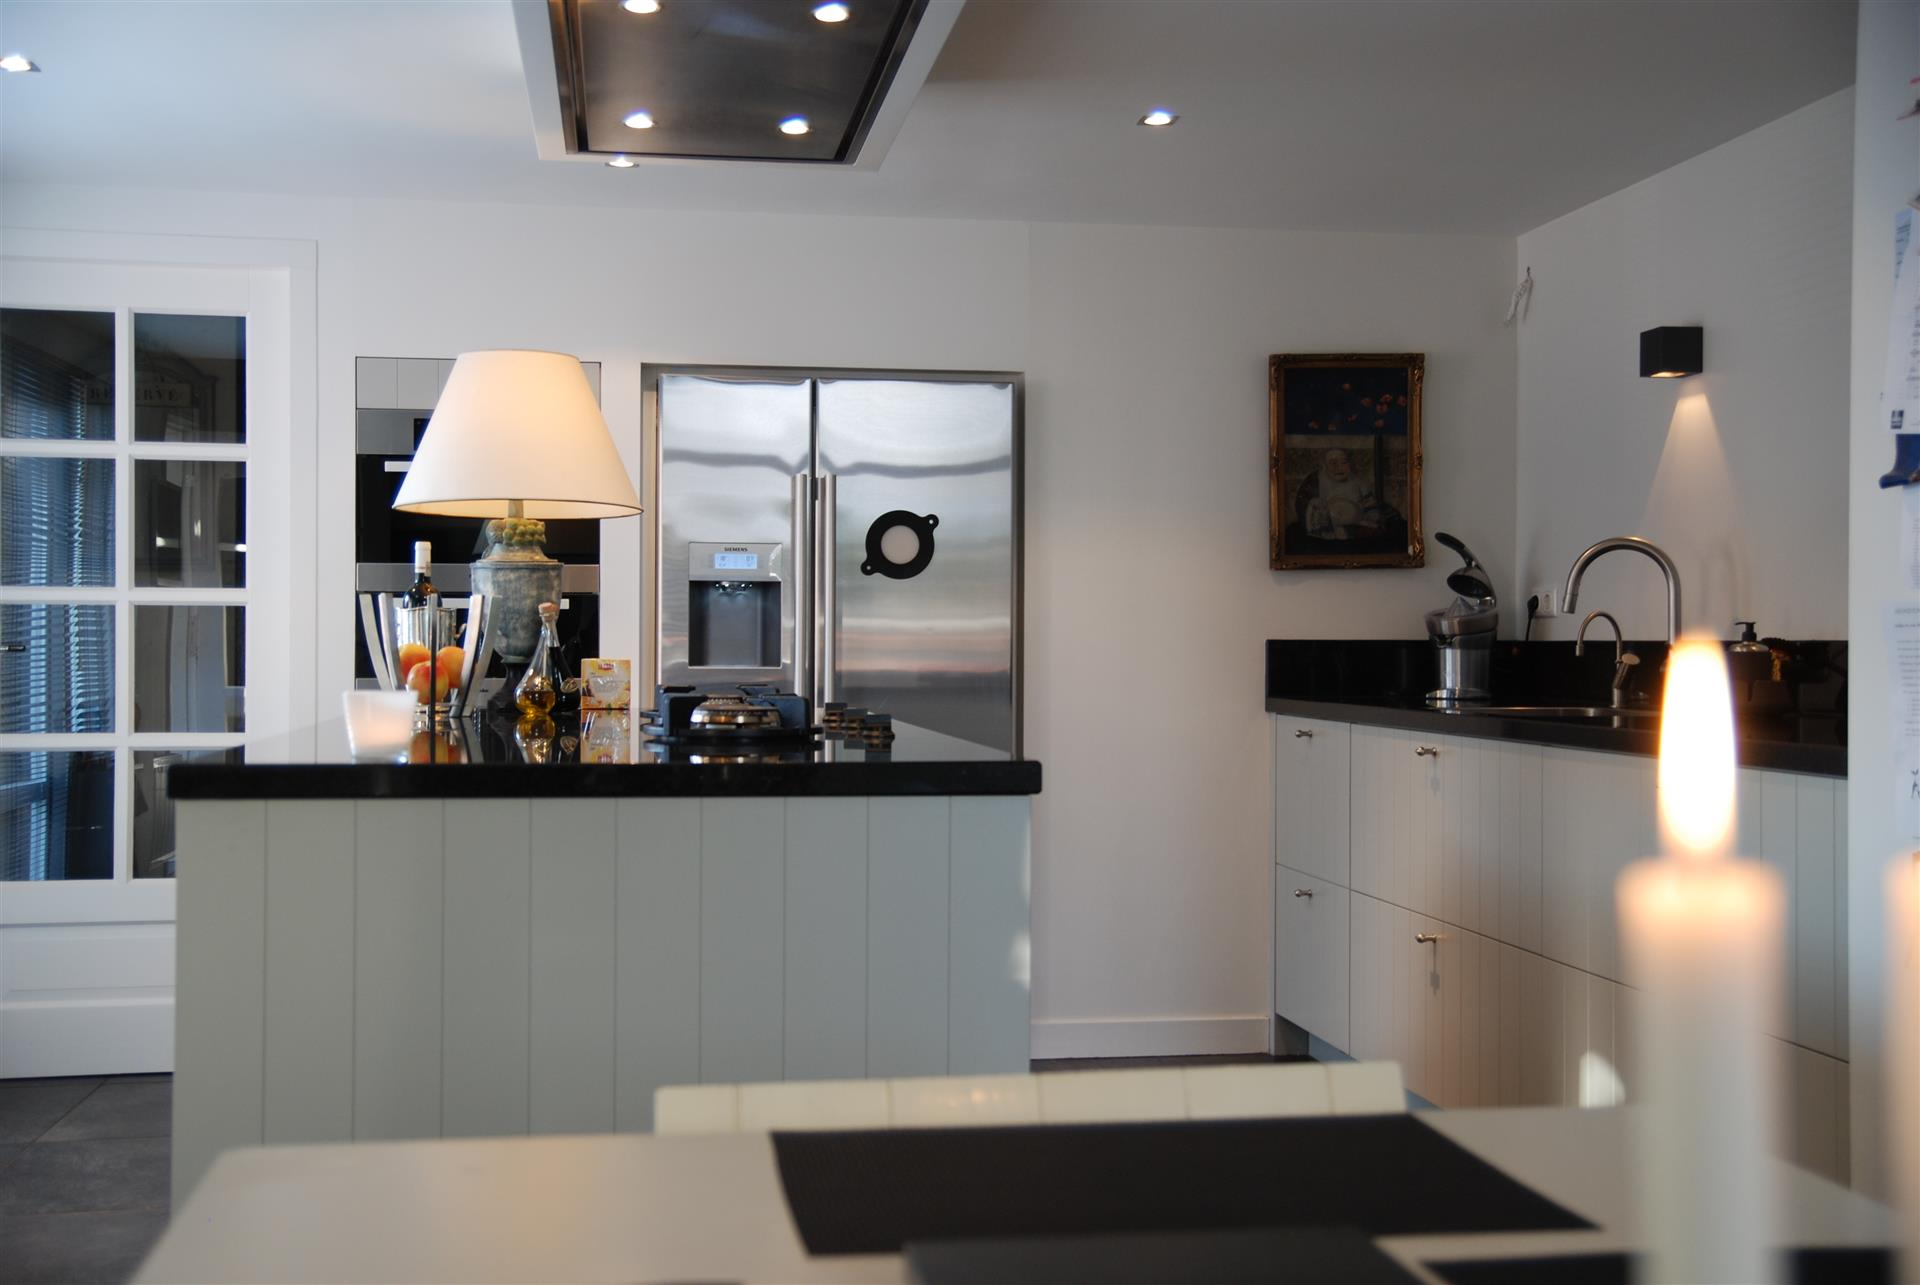 Dutch Design Keukens Onze keukens - Dutch Design Keukens